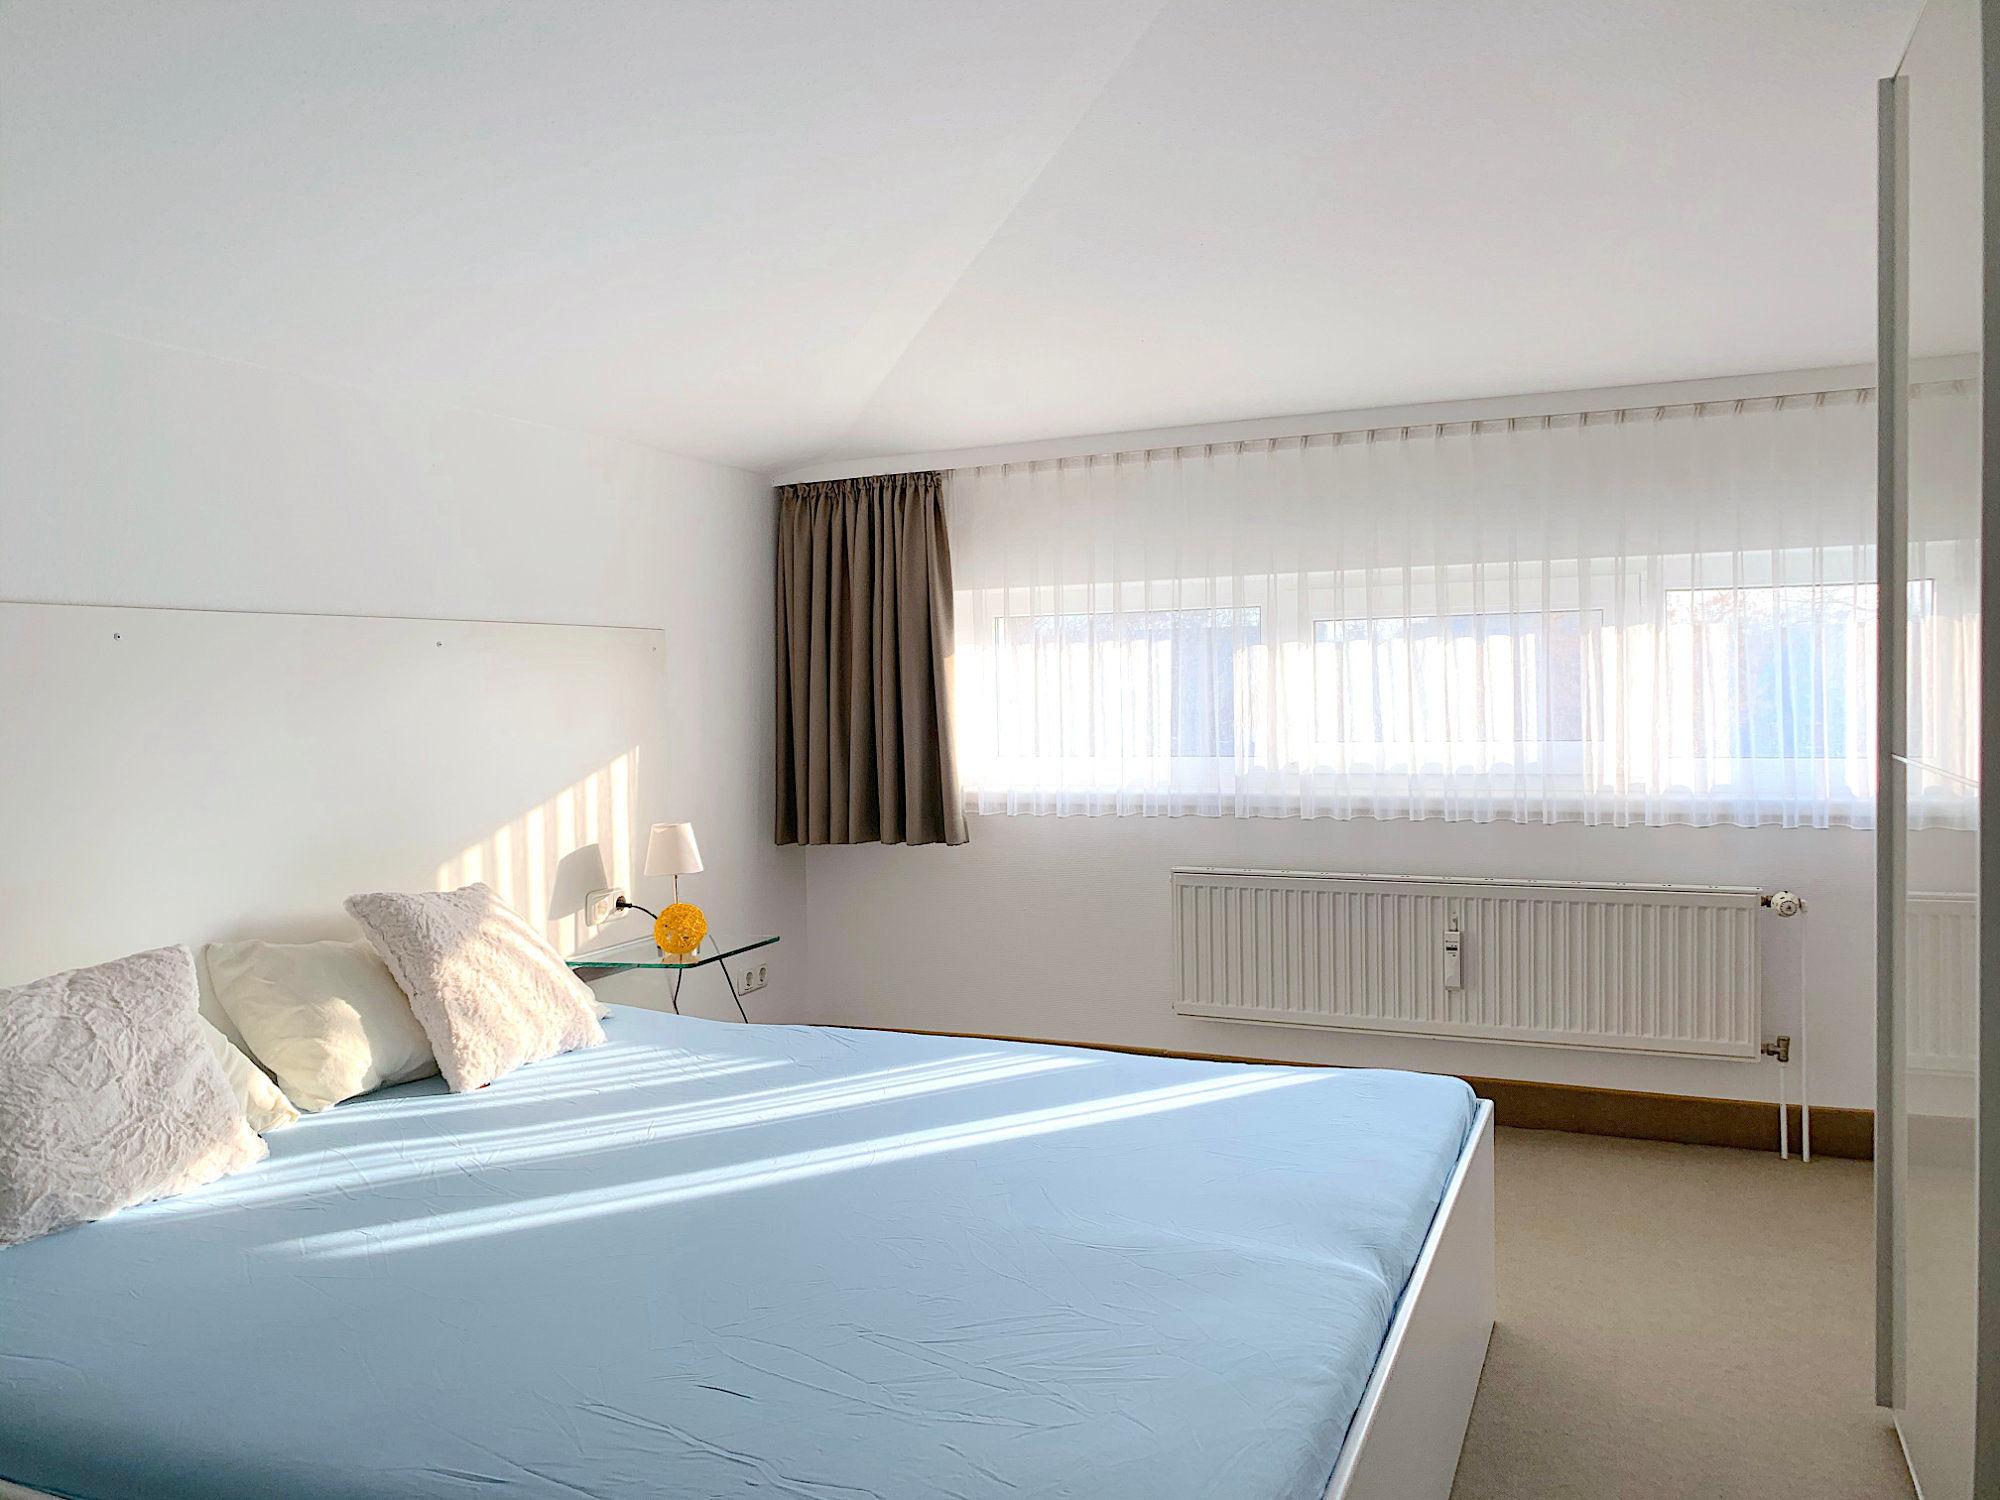 Schlafzimmer mit Doppelbett, rechts davon ein großer Kleiderschrank, im Hintergrund sind Fenster